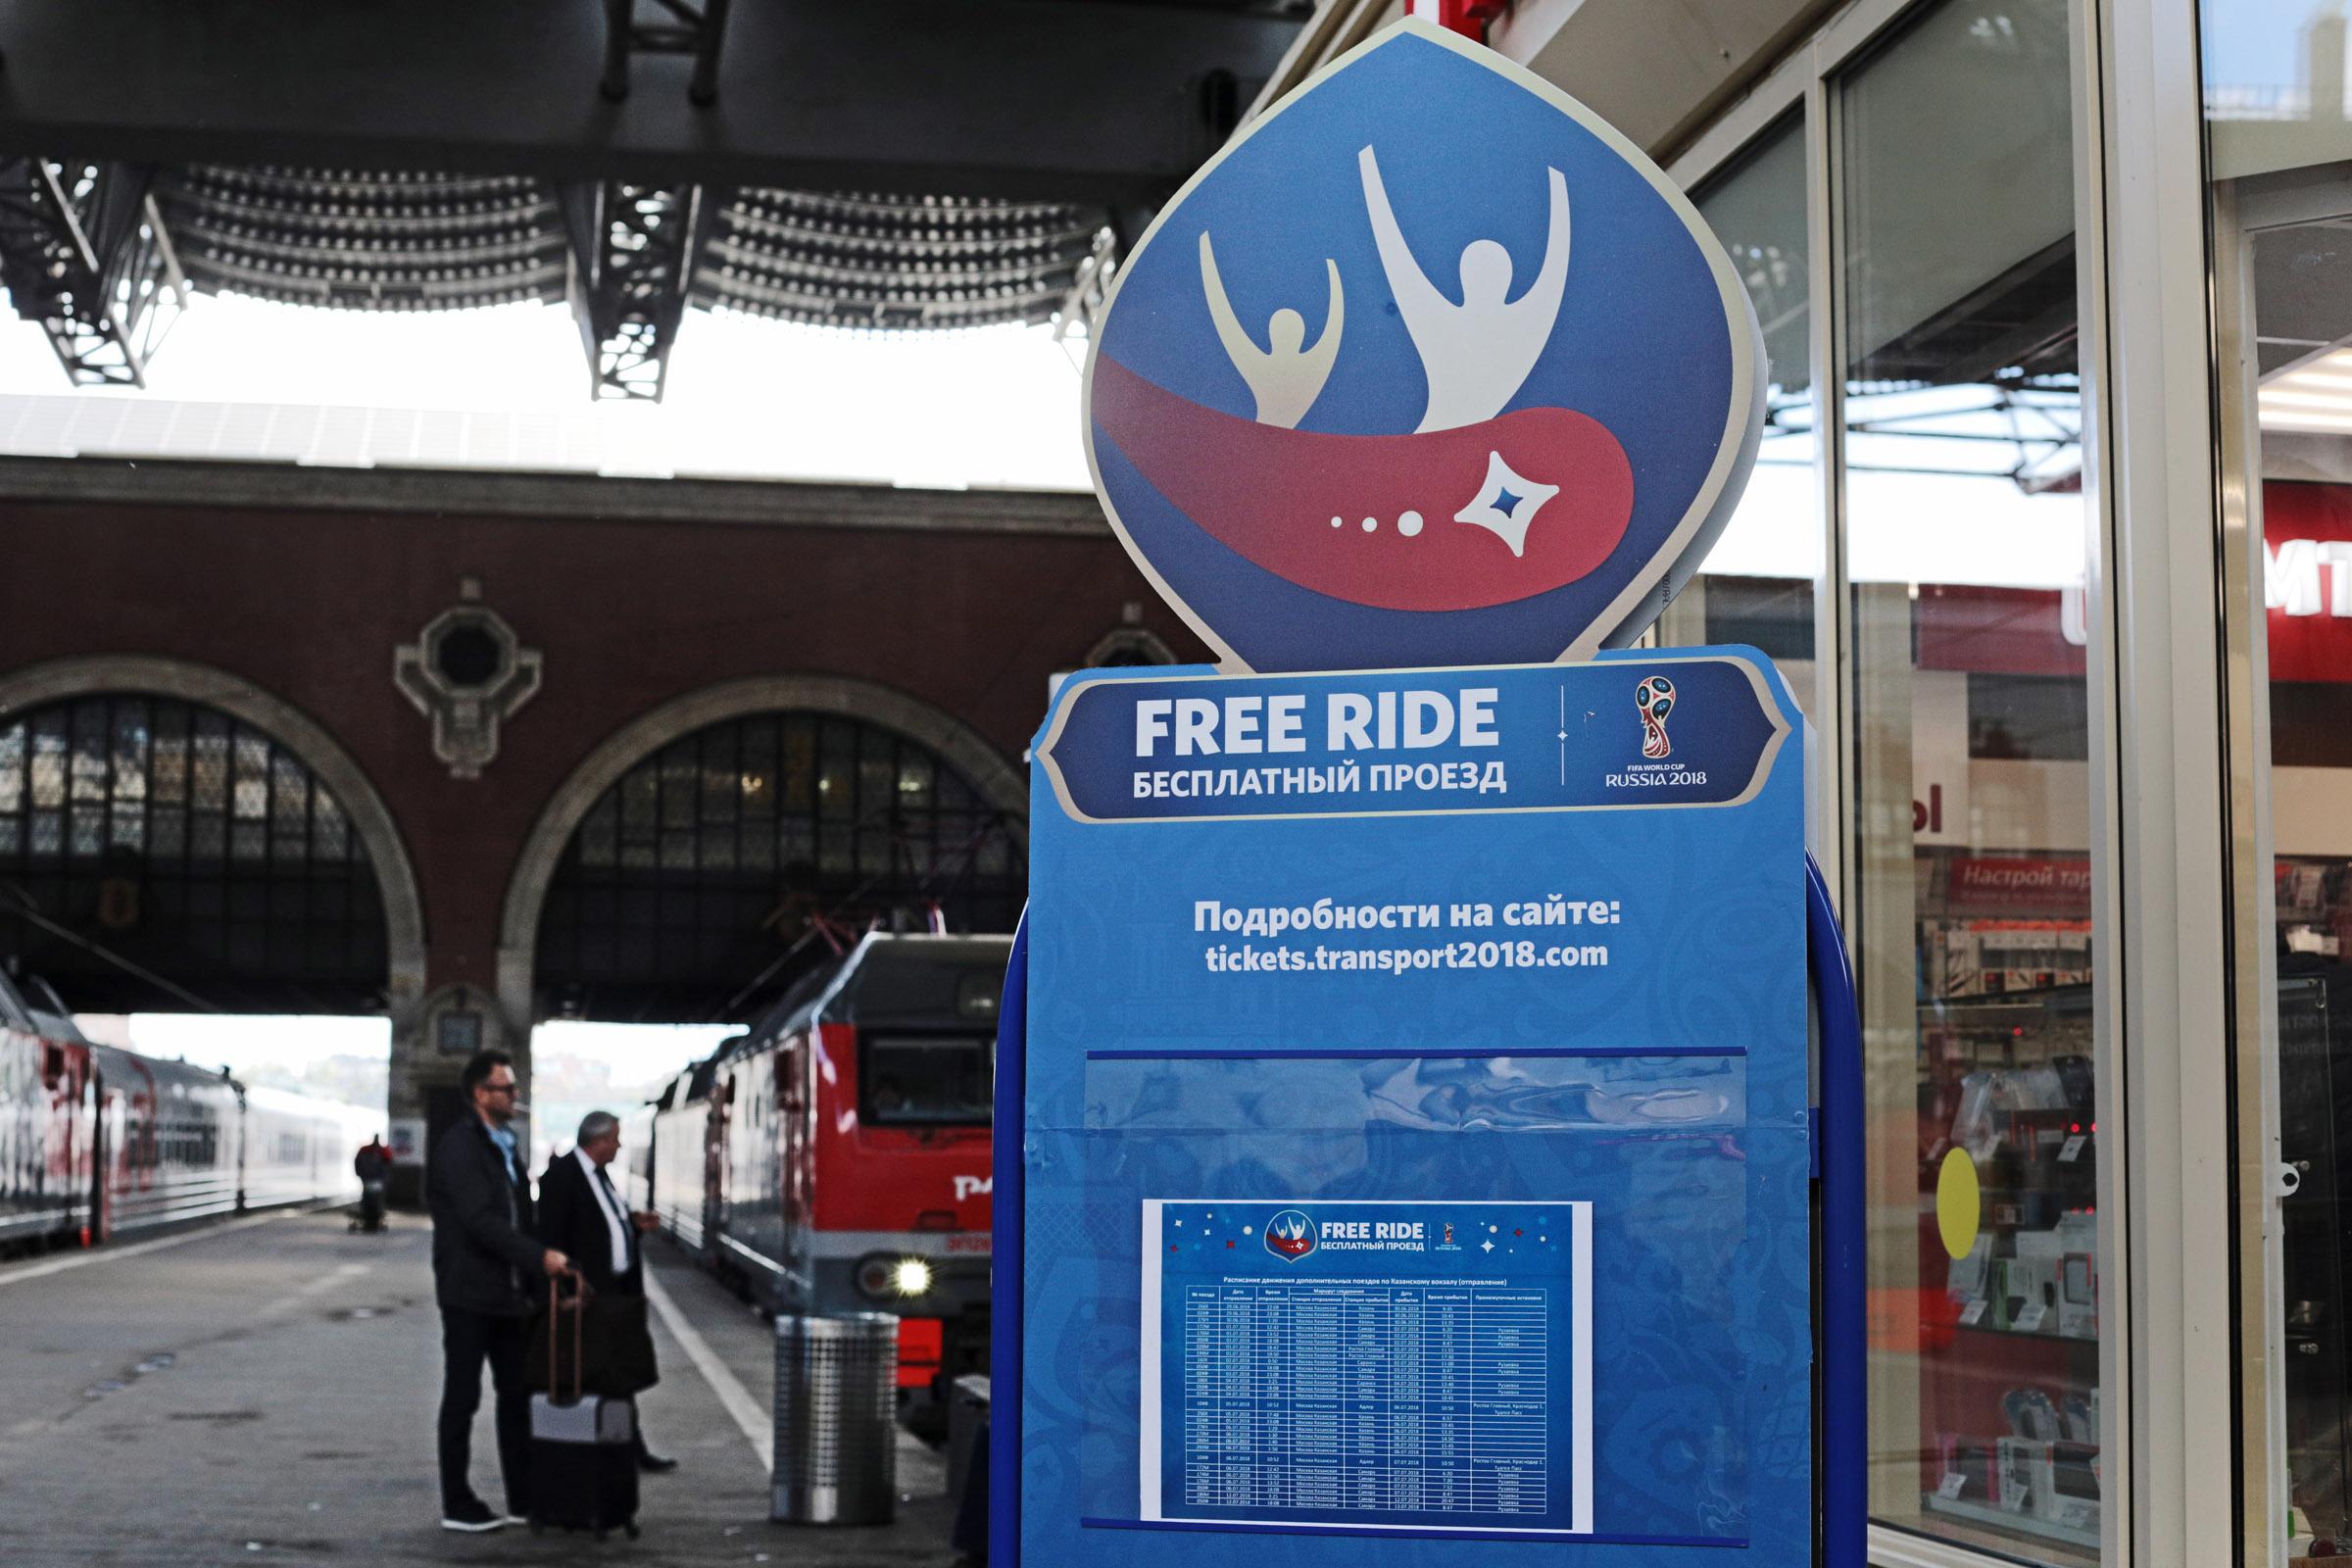 Для перевозки болельщиков в города-организаторы матчей задействованы 734 дополнительных поезда, вмещающих более 440 тыс. человек